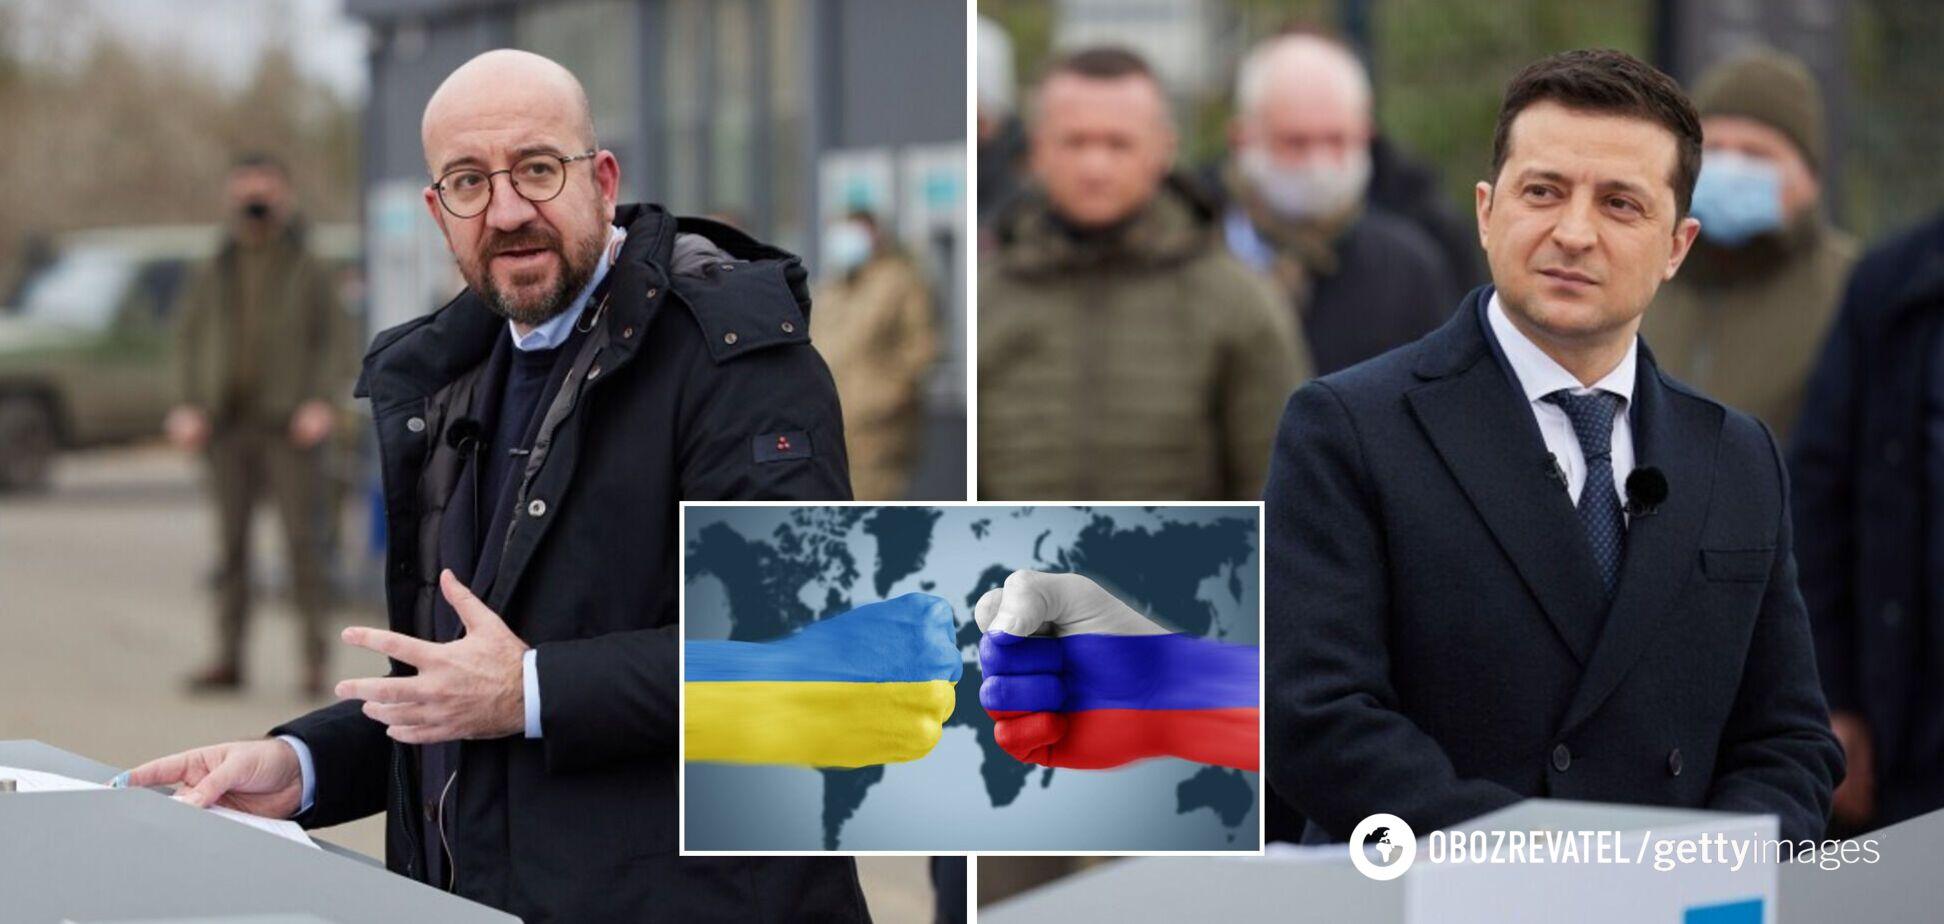 Зеленський закликав ЄС визнати засудження гібридної агресії РФ проти України